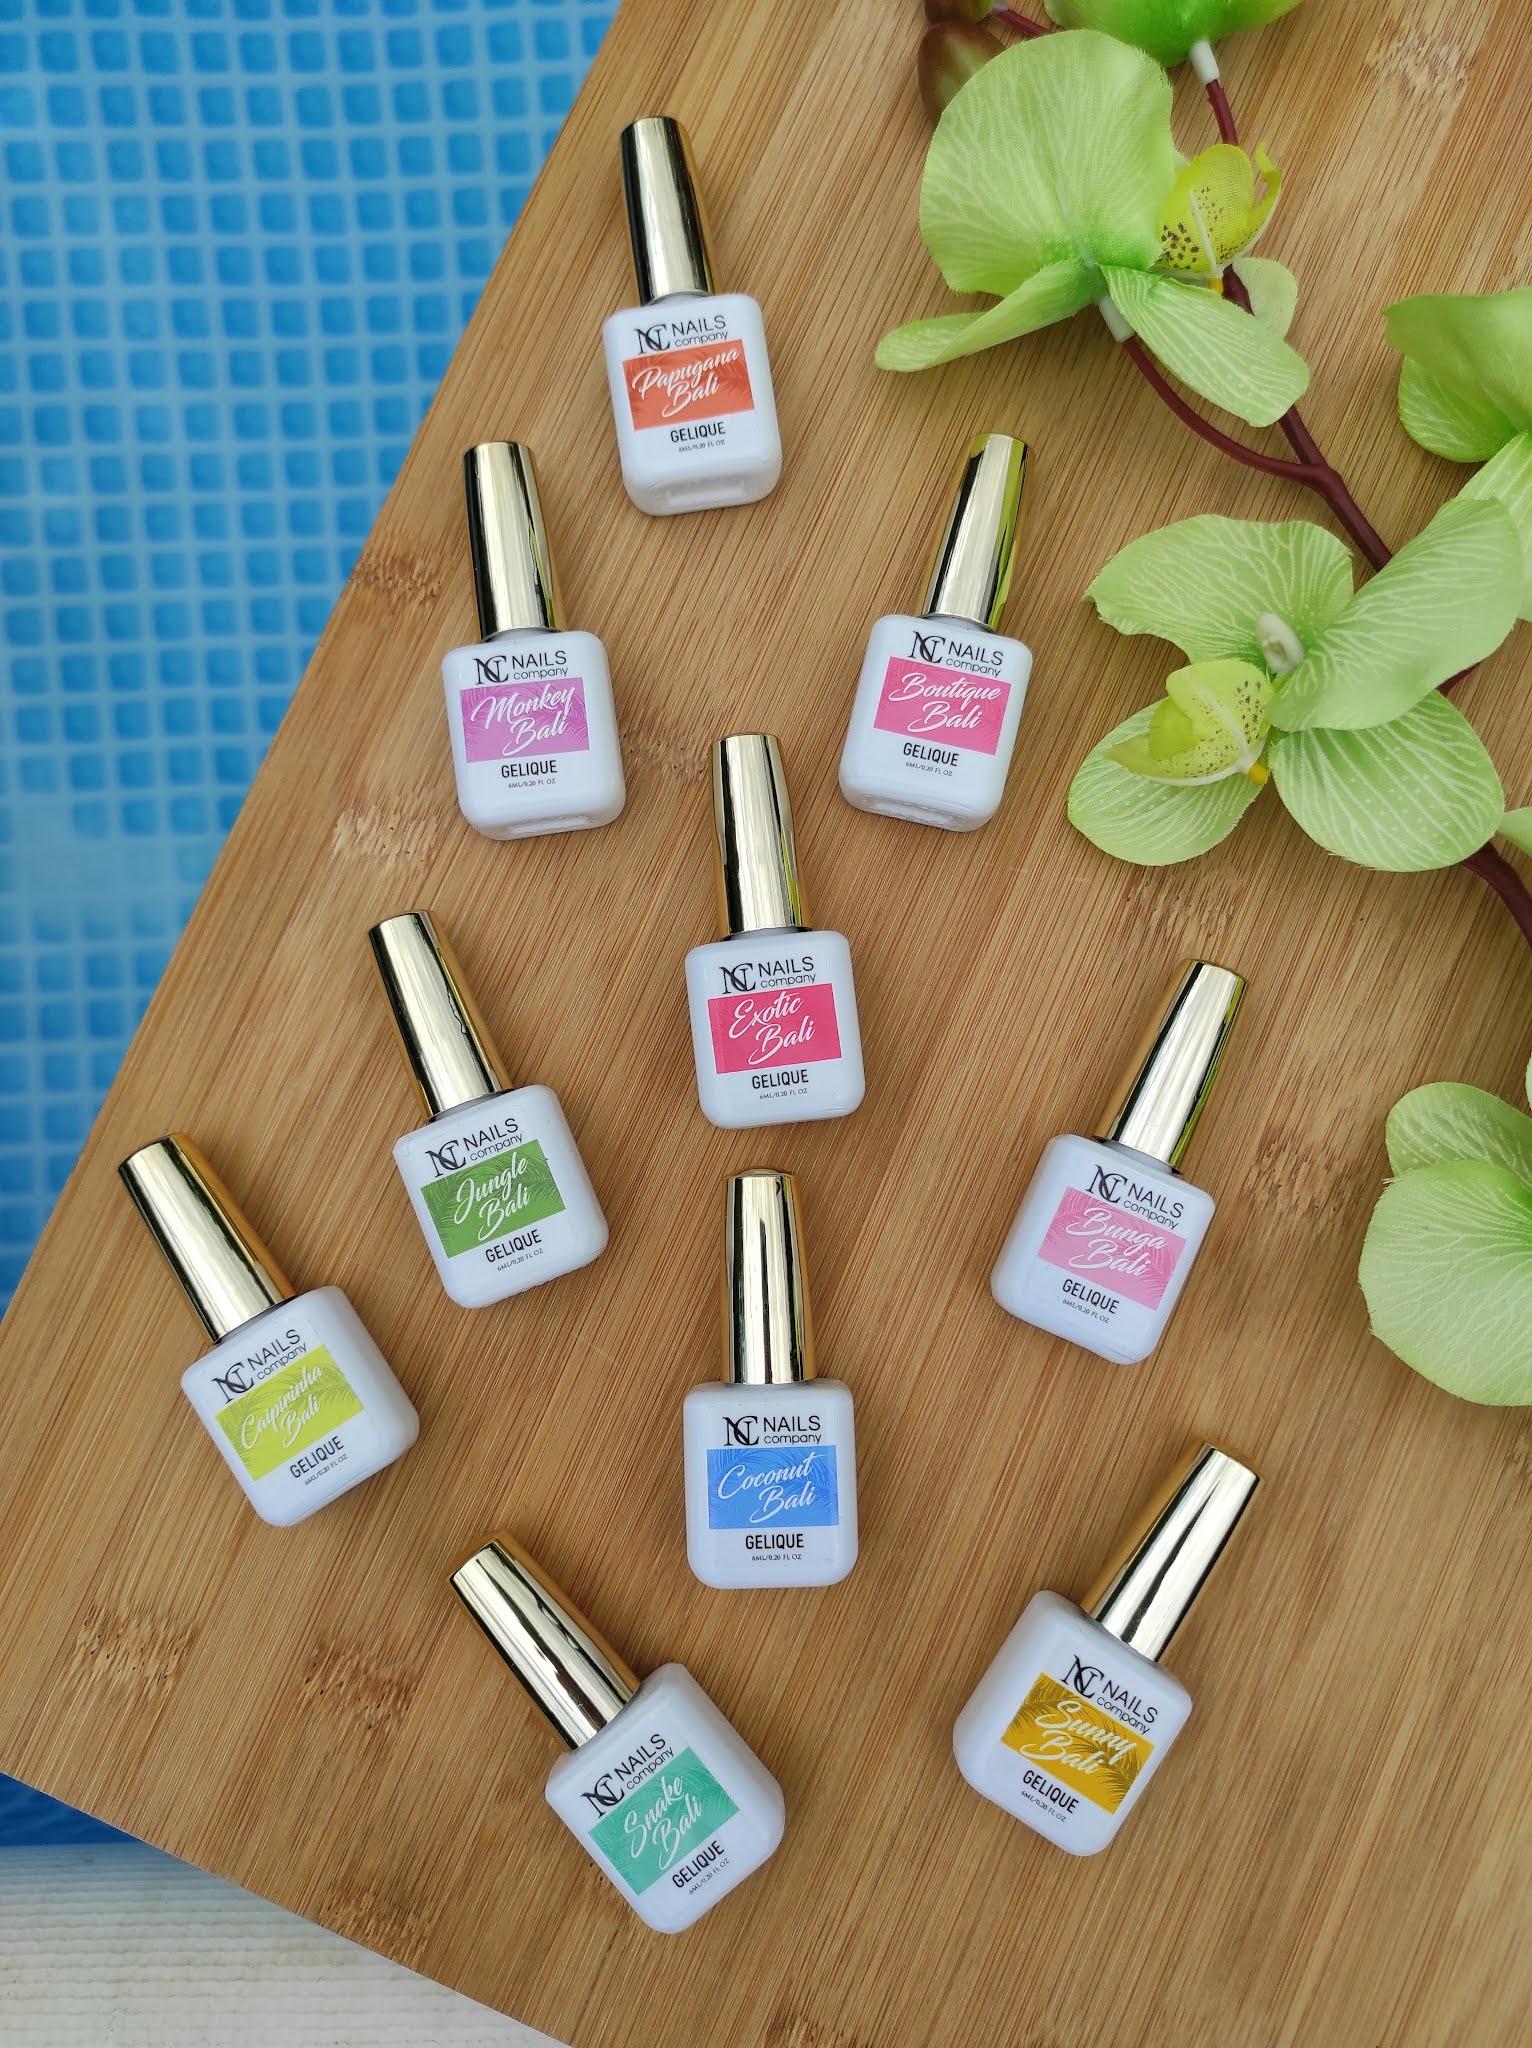 Tropical MADNESS - mocno kolorowa kolekcja lakierów NC Nails Company